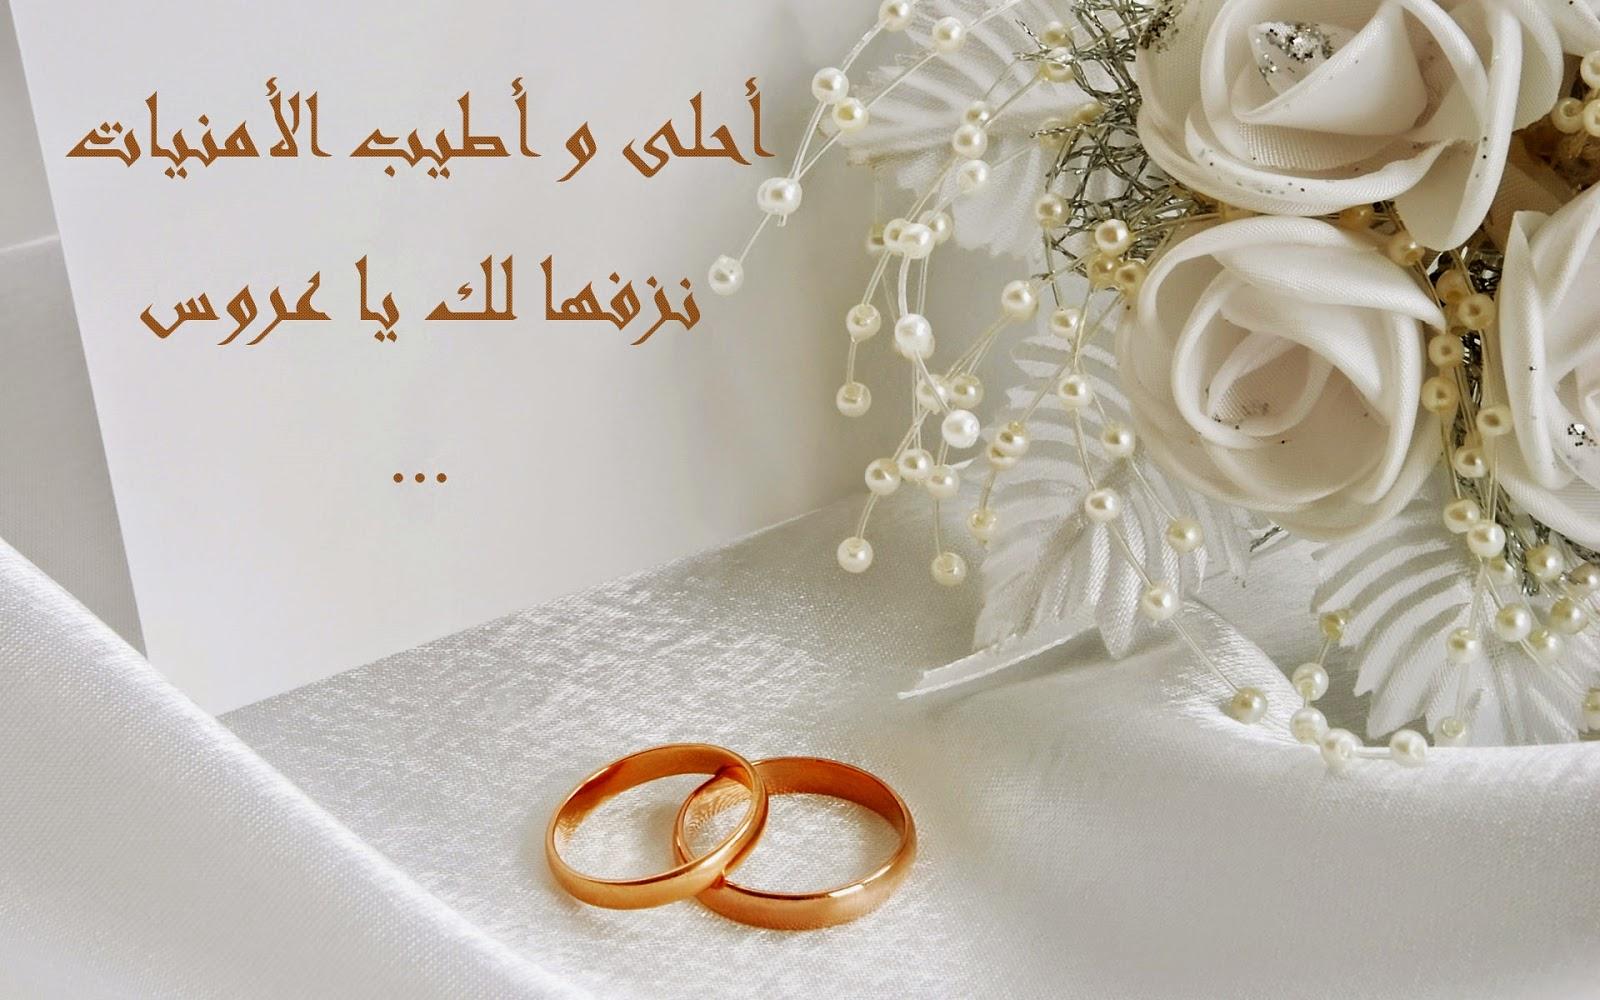 بالصور بطاقة تهنئة زواج , اروع تشكيلة بطاقات تهنئه بالزواج 2578 6